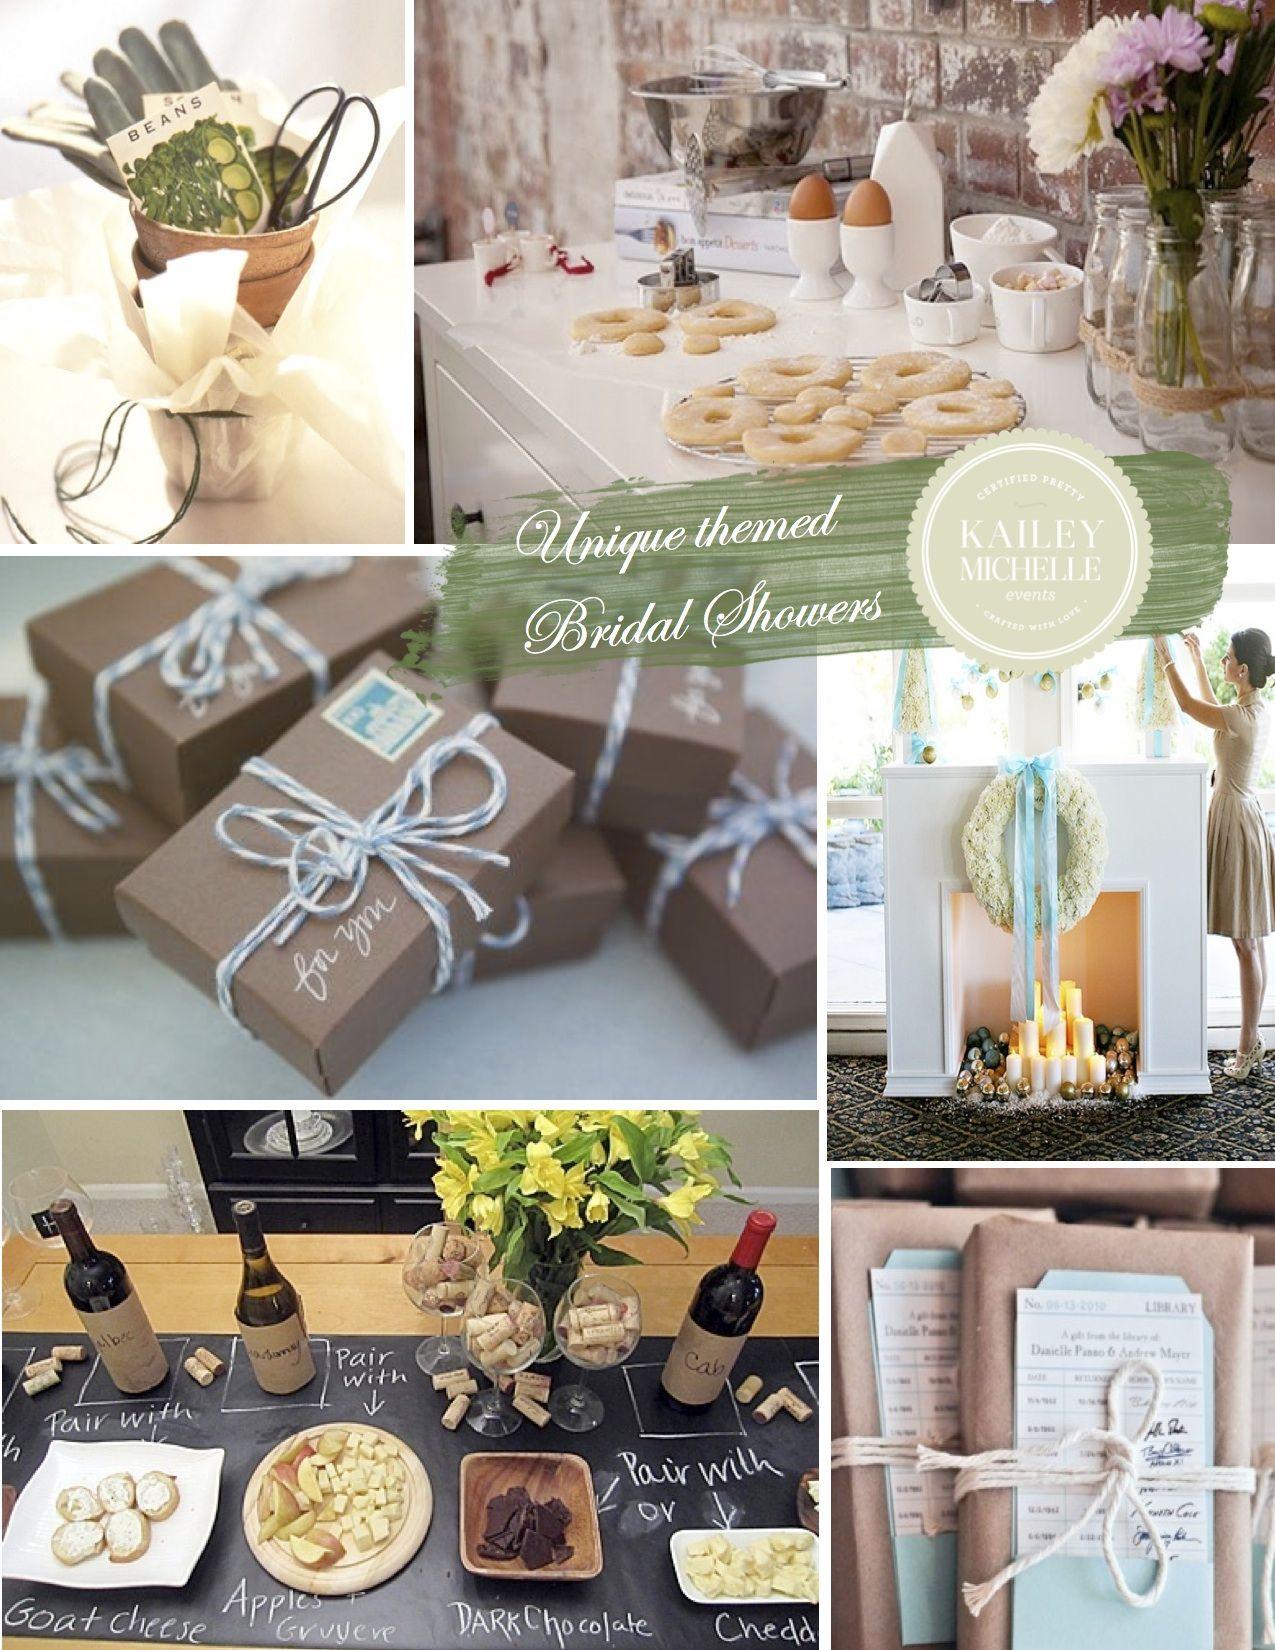 Bridal shower ideas unique personalized themes